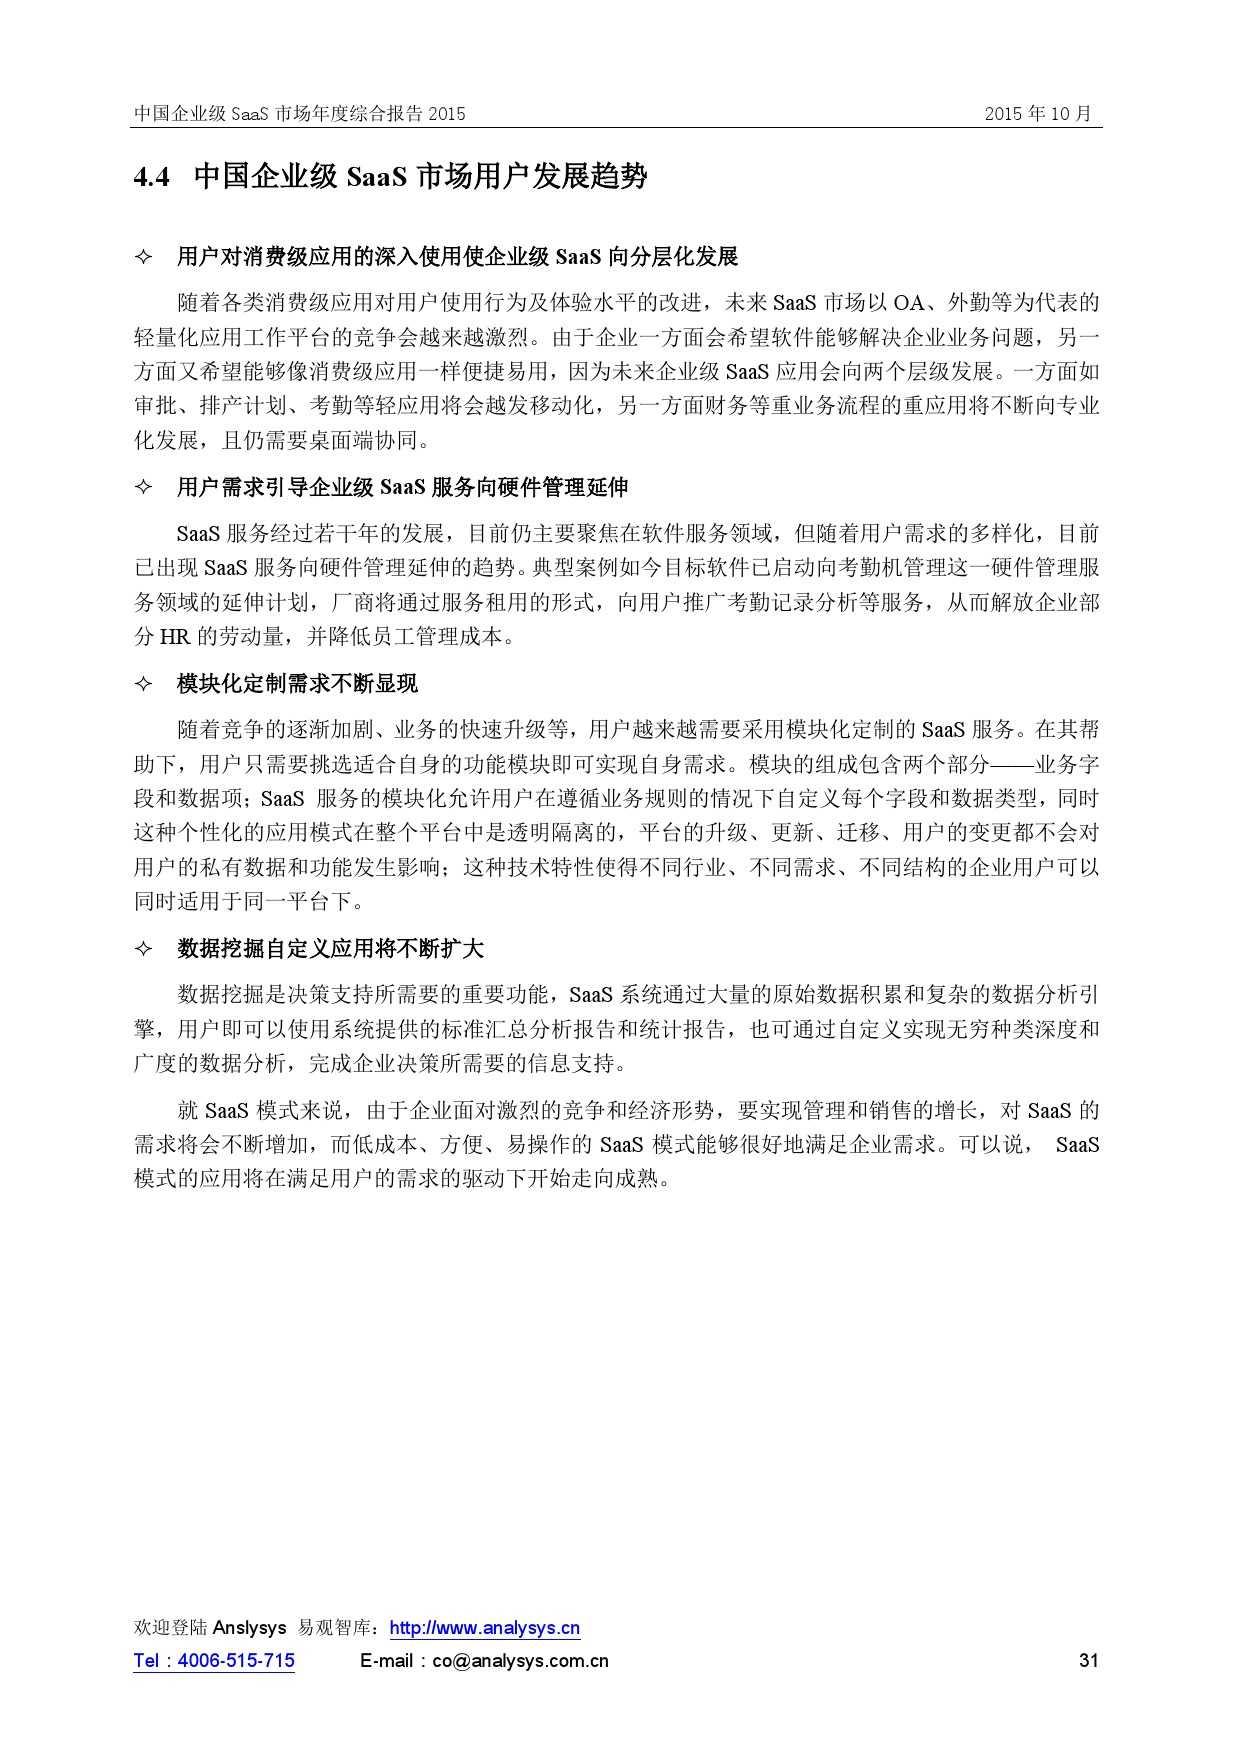 中国企业级SaaS市场年度综合报告2015 01_000031